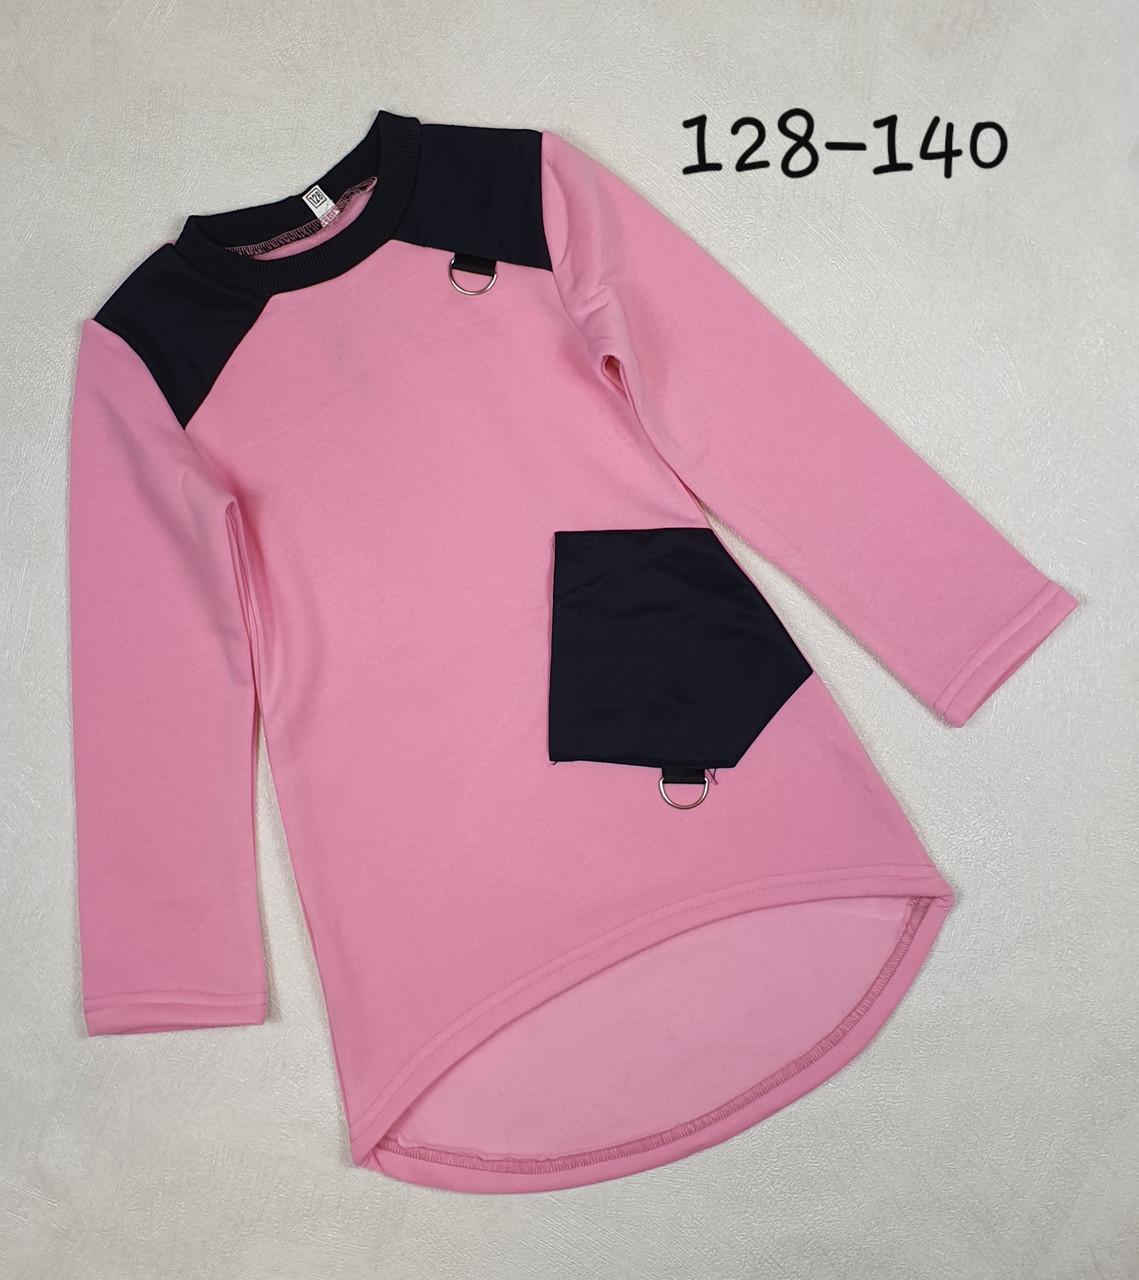 Теплая Туника детская Карманчик 128-140 розовый /  оптом от производителя Украина